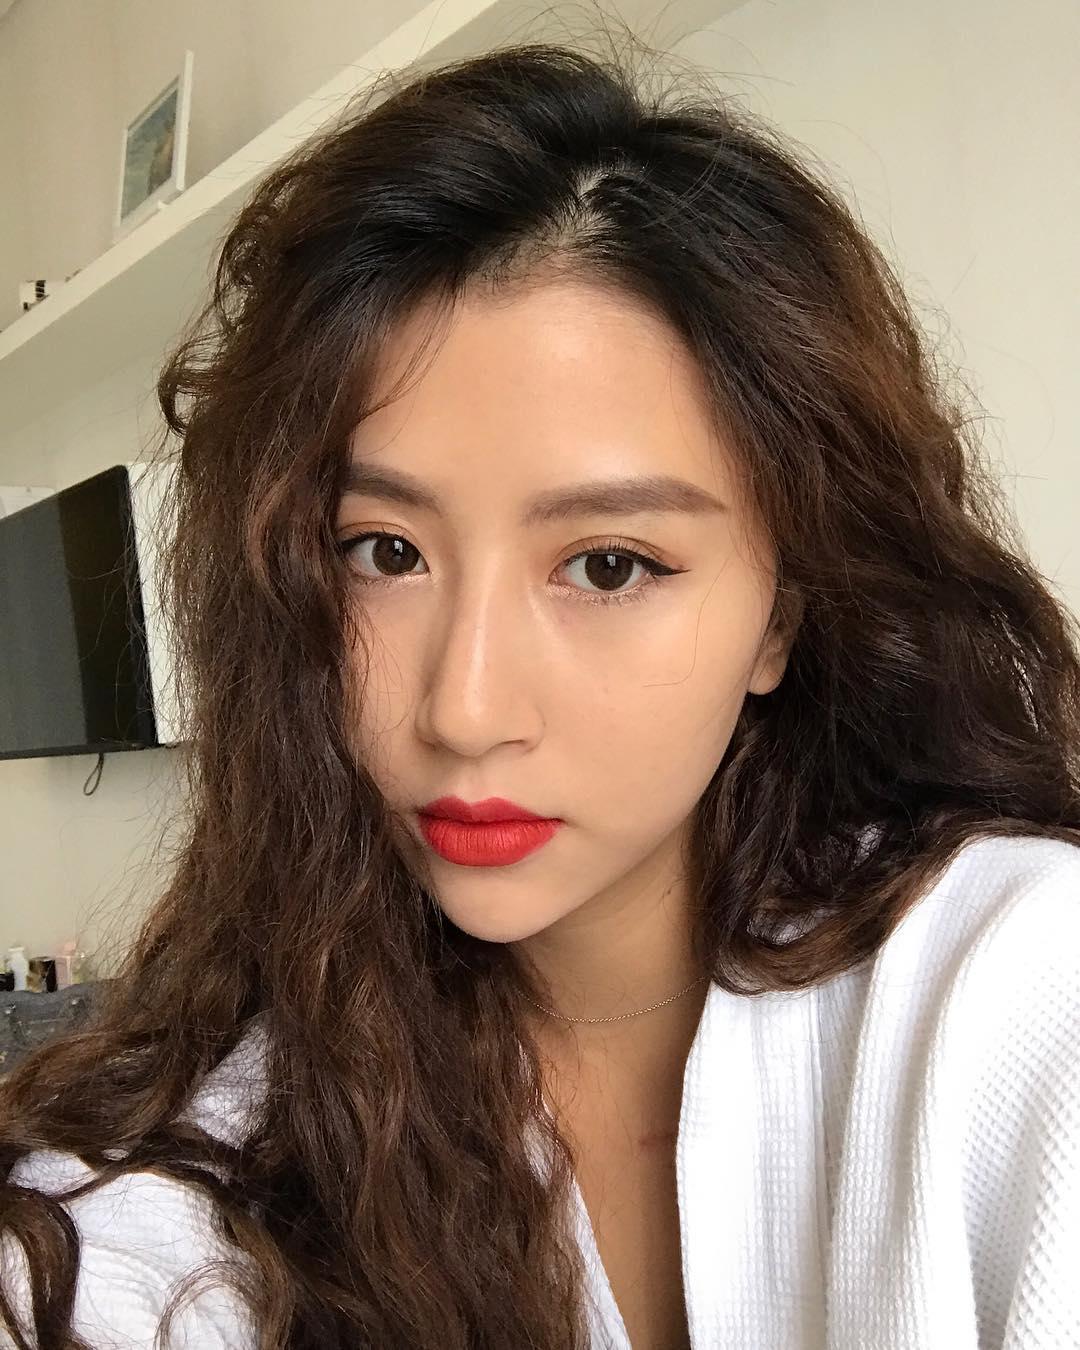 Xinh là một chuyện, các hot girl châu Á còn chăm áp dụng 5 bí kíp makeup này để có ảnh selfie thật ảo - Ảnh 12.